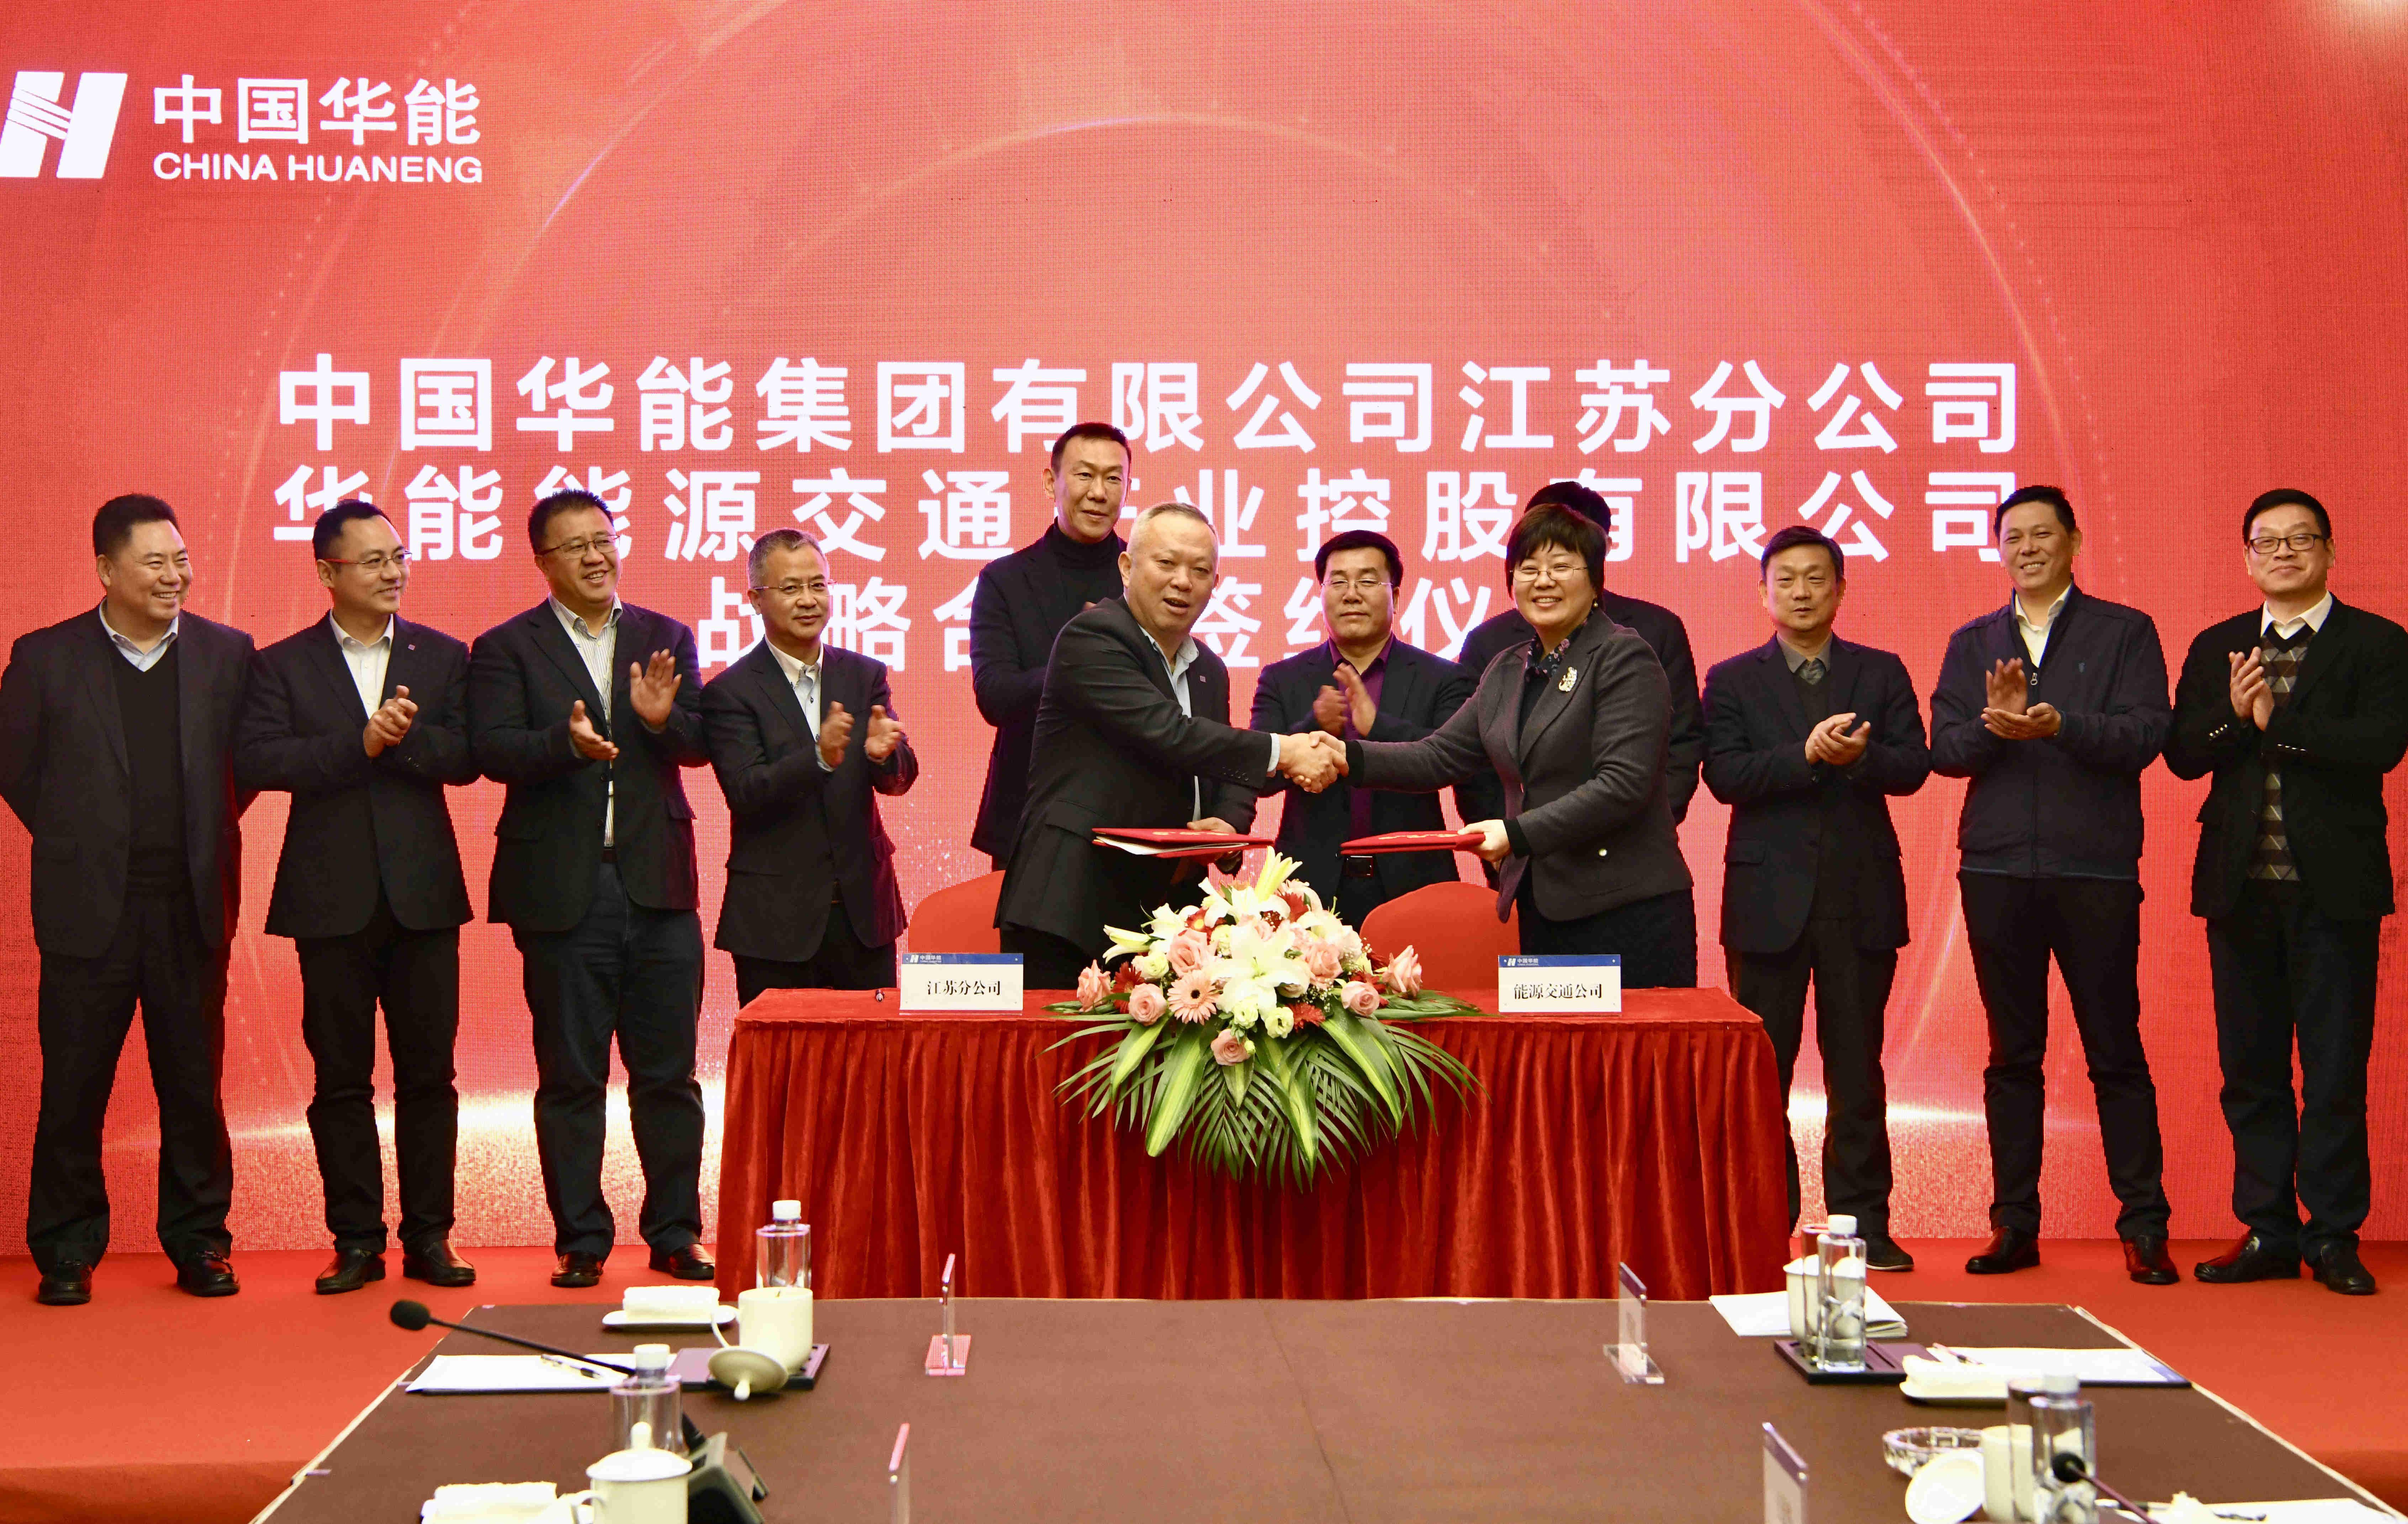 華能能源交通公司與華能集團有限公司江蘇分公司簽署戰略合作協議